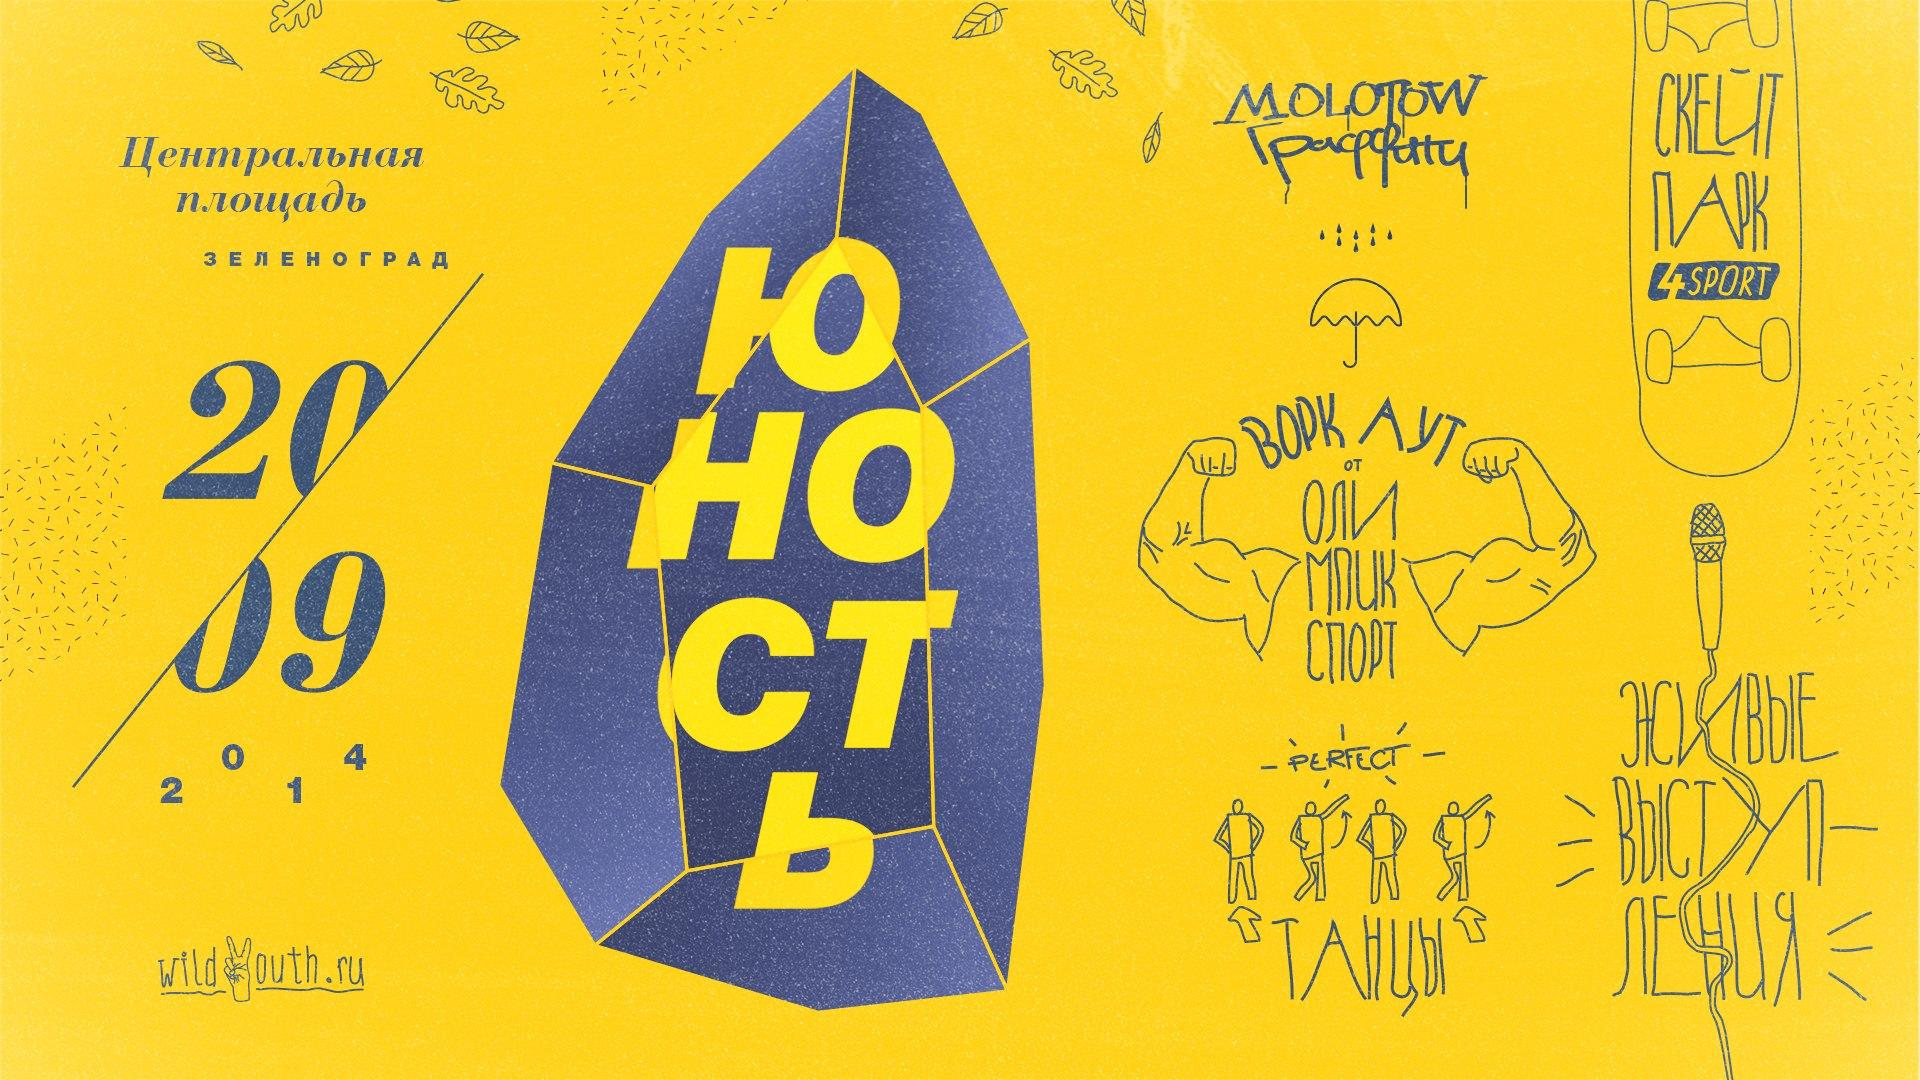 Photo of Юность в Зеленограде Юность в Зеленограде Юность в Зеленограде cp Cl3BK Rc